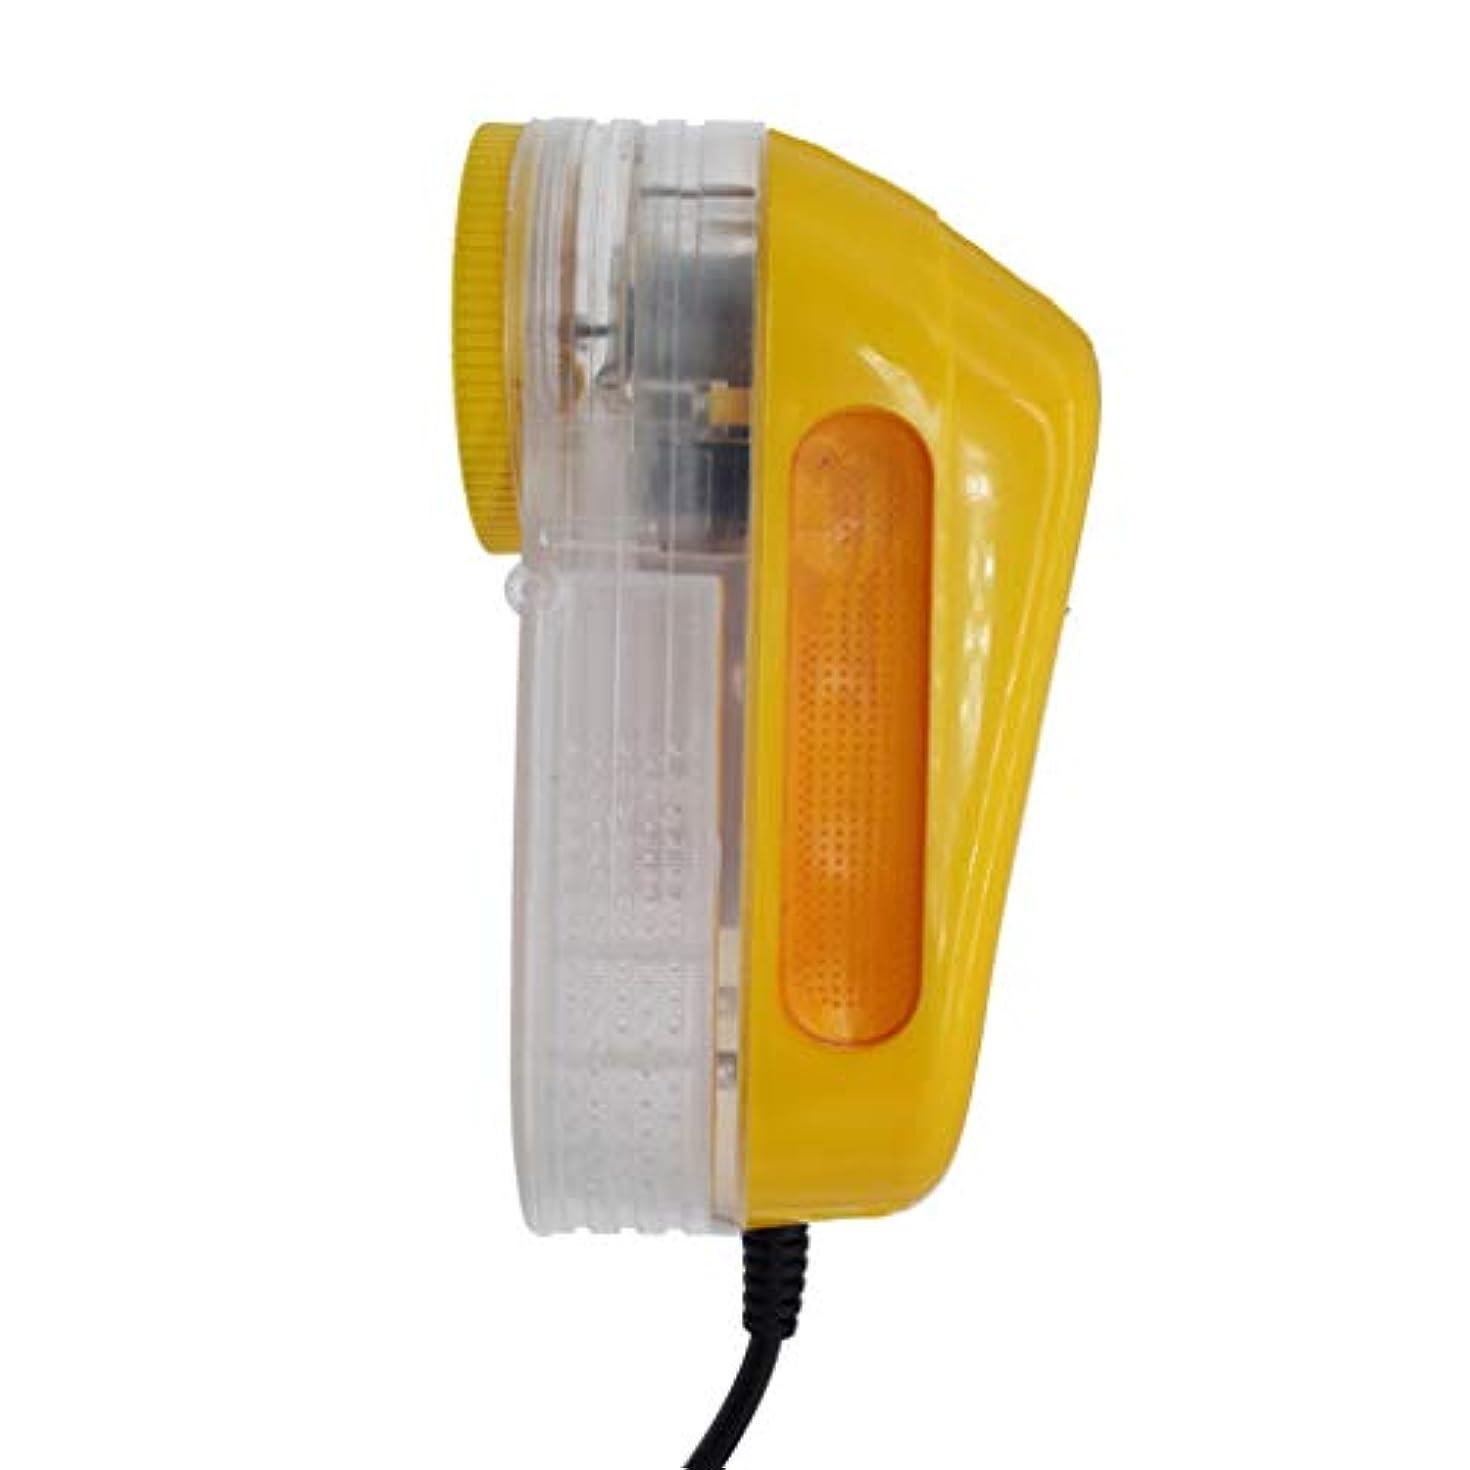 ラウンジ演劇発動機Wei Zhe- ファブリックシェーバー - リントリムーバー衣類シェーバーフリース服のポータブル充電式ボブファブリックシェーバー 携帯用かみそり